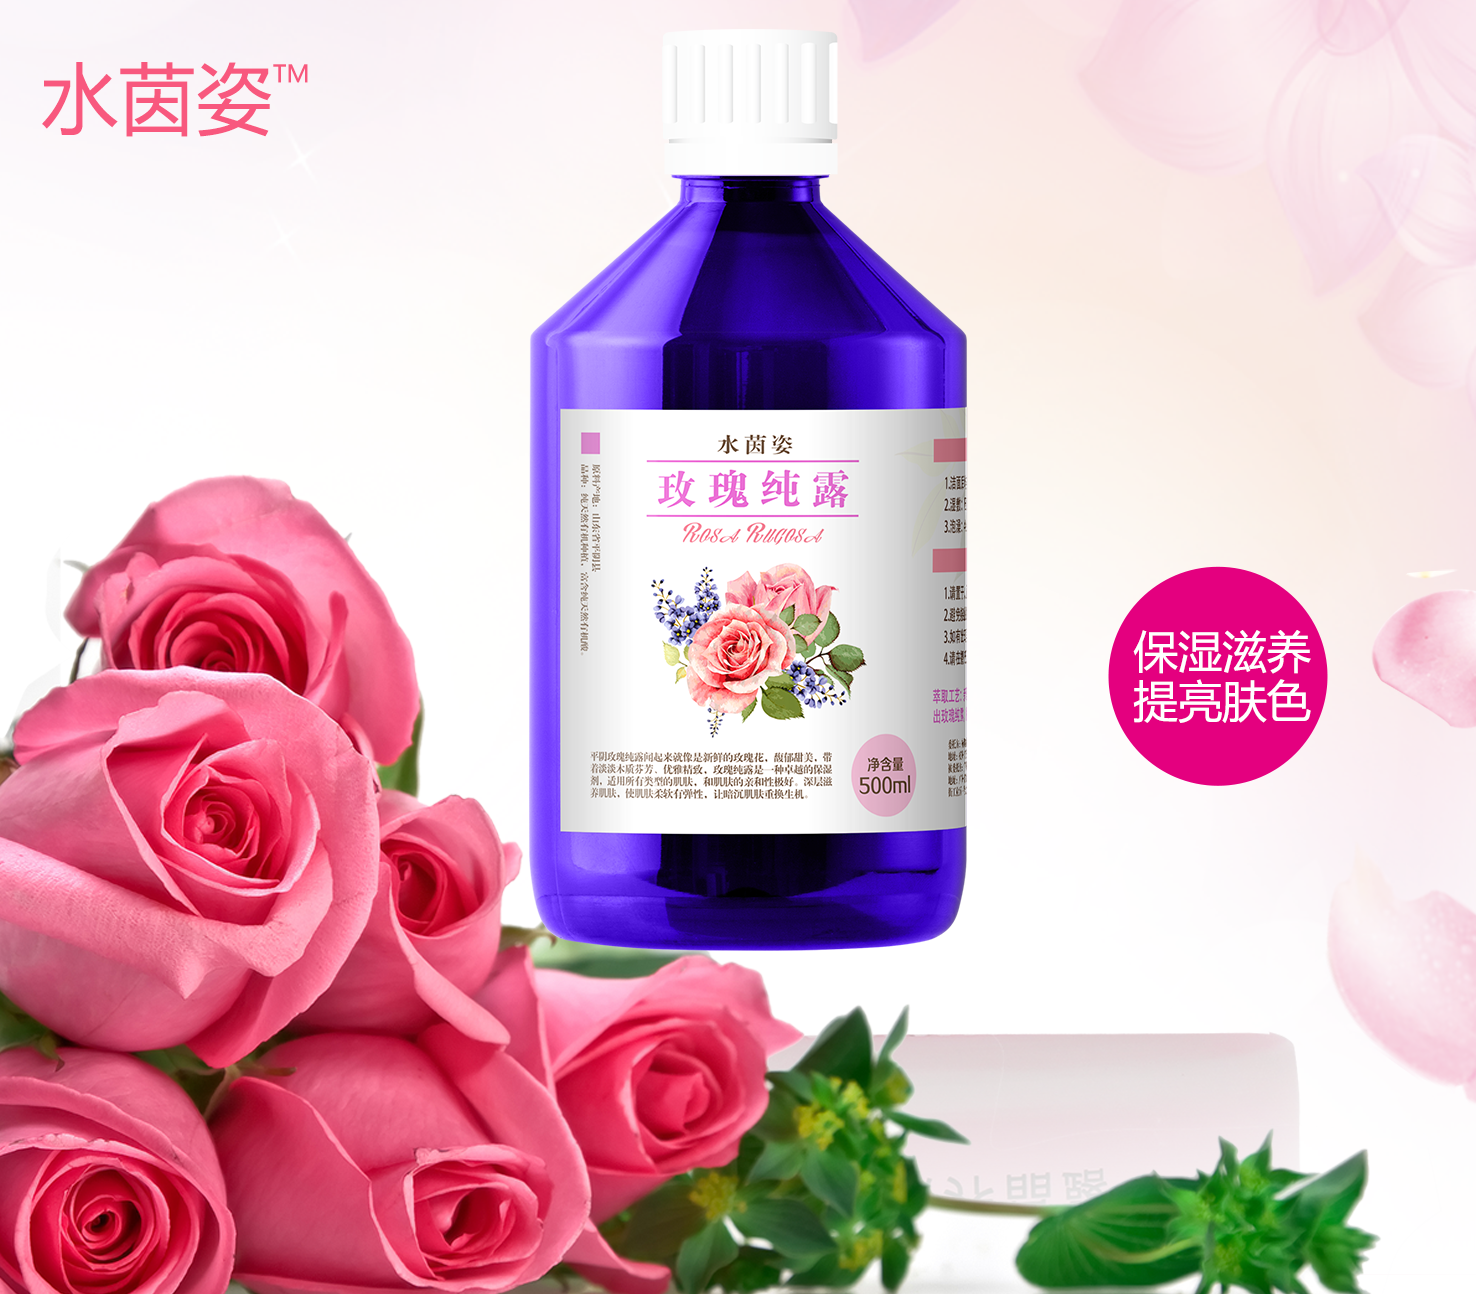 500ml 平阴玫瑰纯露水润滋养提亮肤色修护肌肤孕妇亦可使用促销